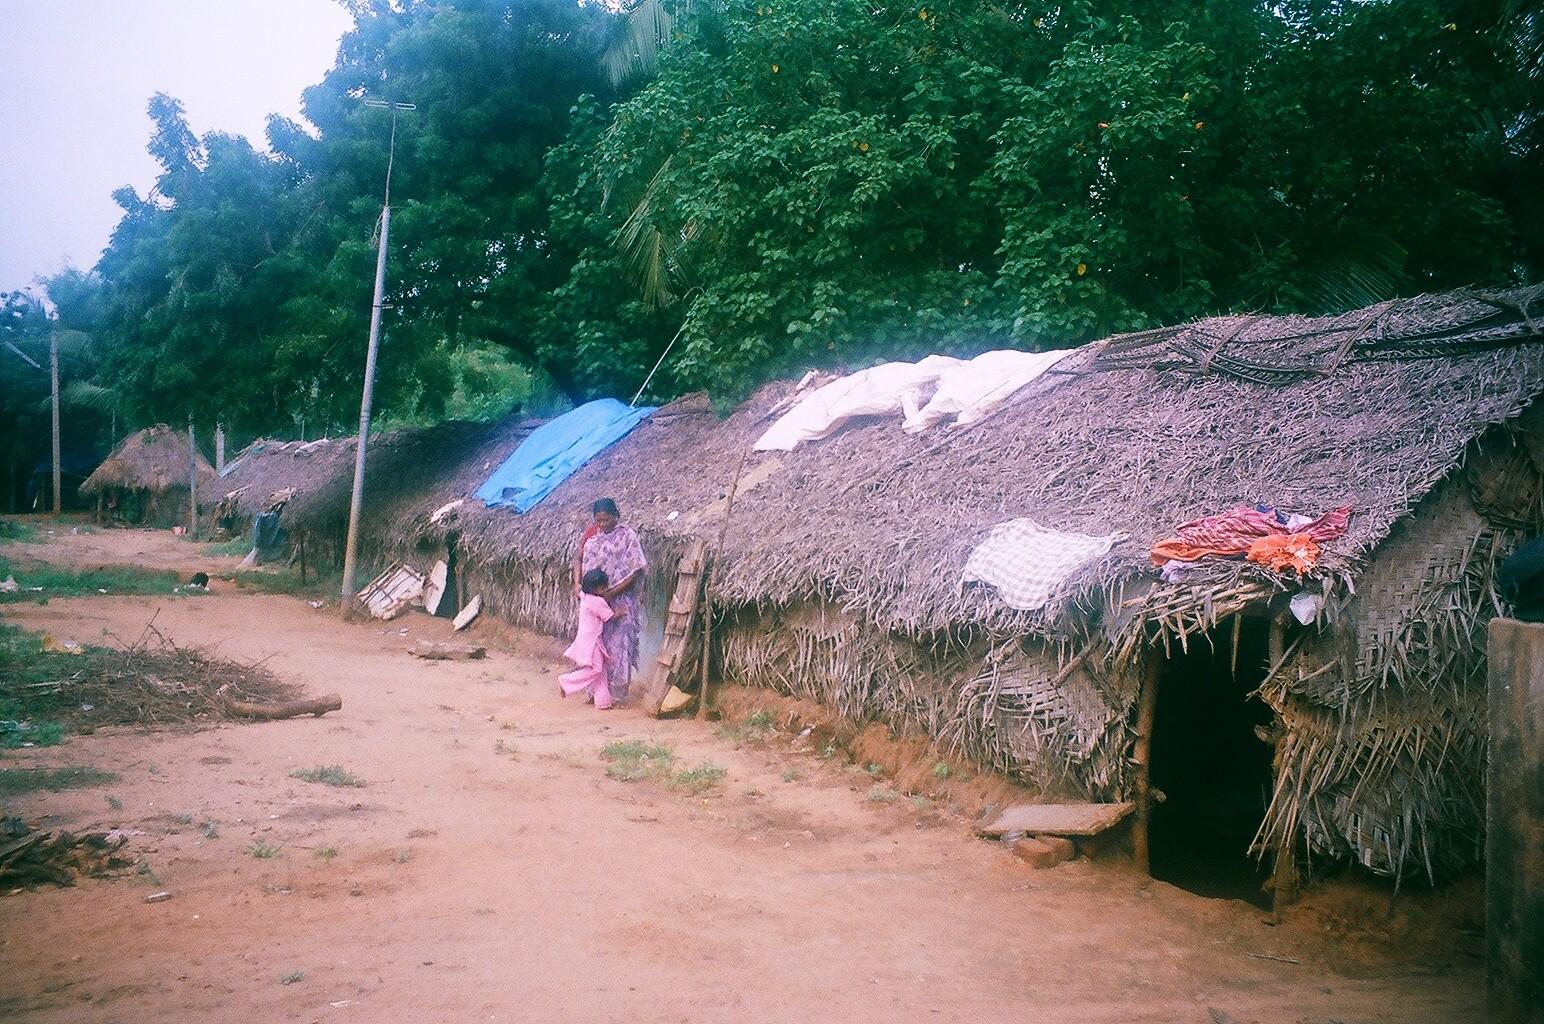 Décembre 2005 - Abris provisoires de Periyakalapatu